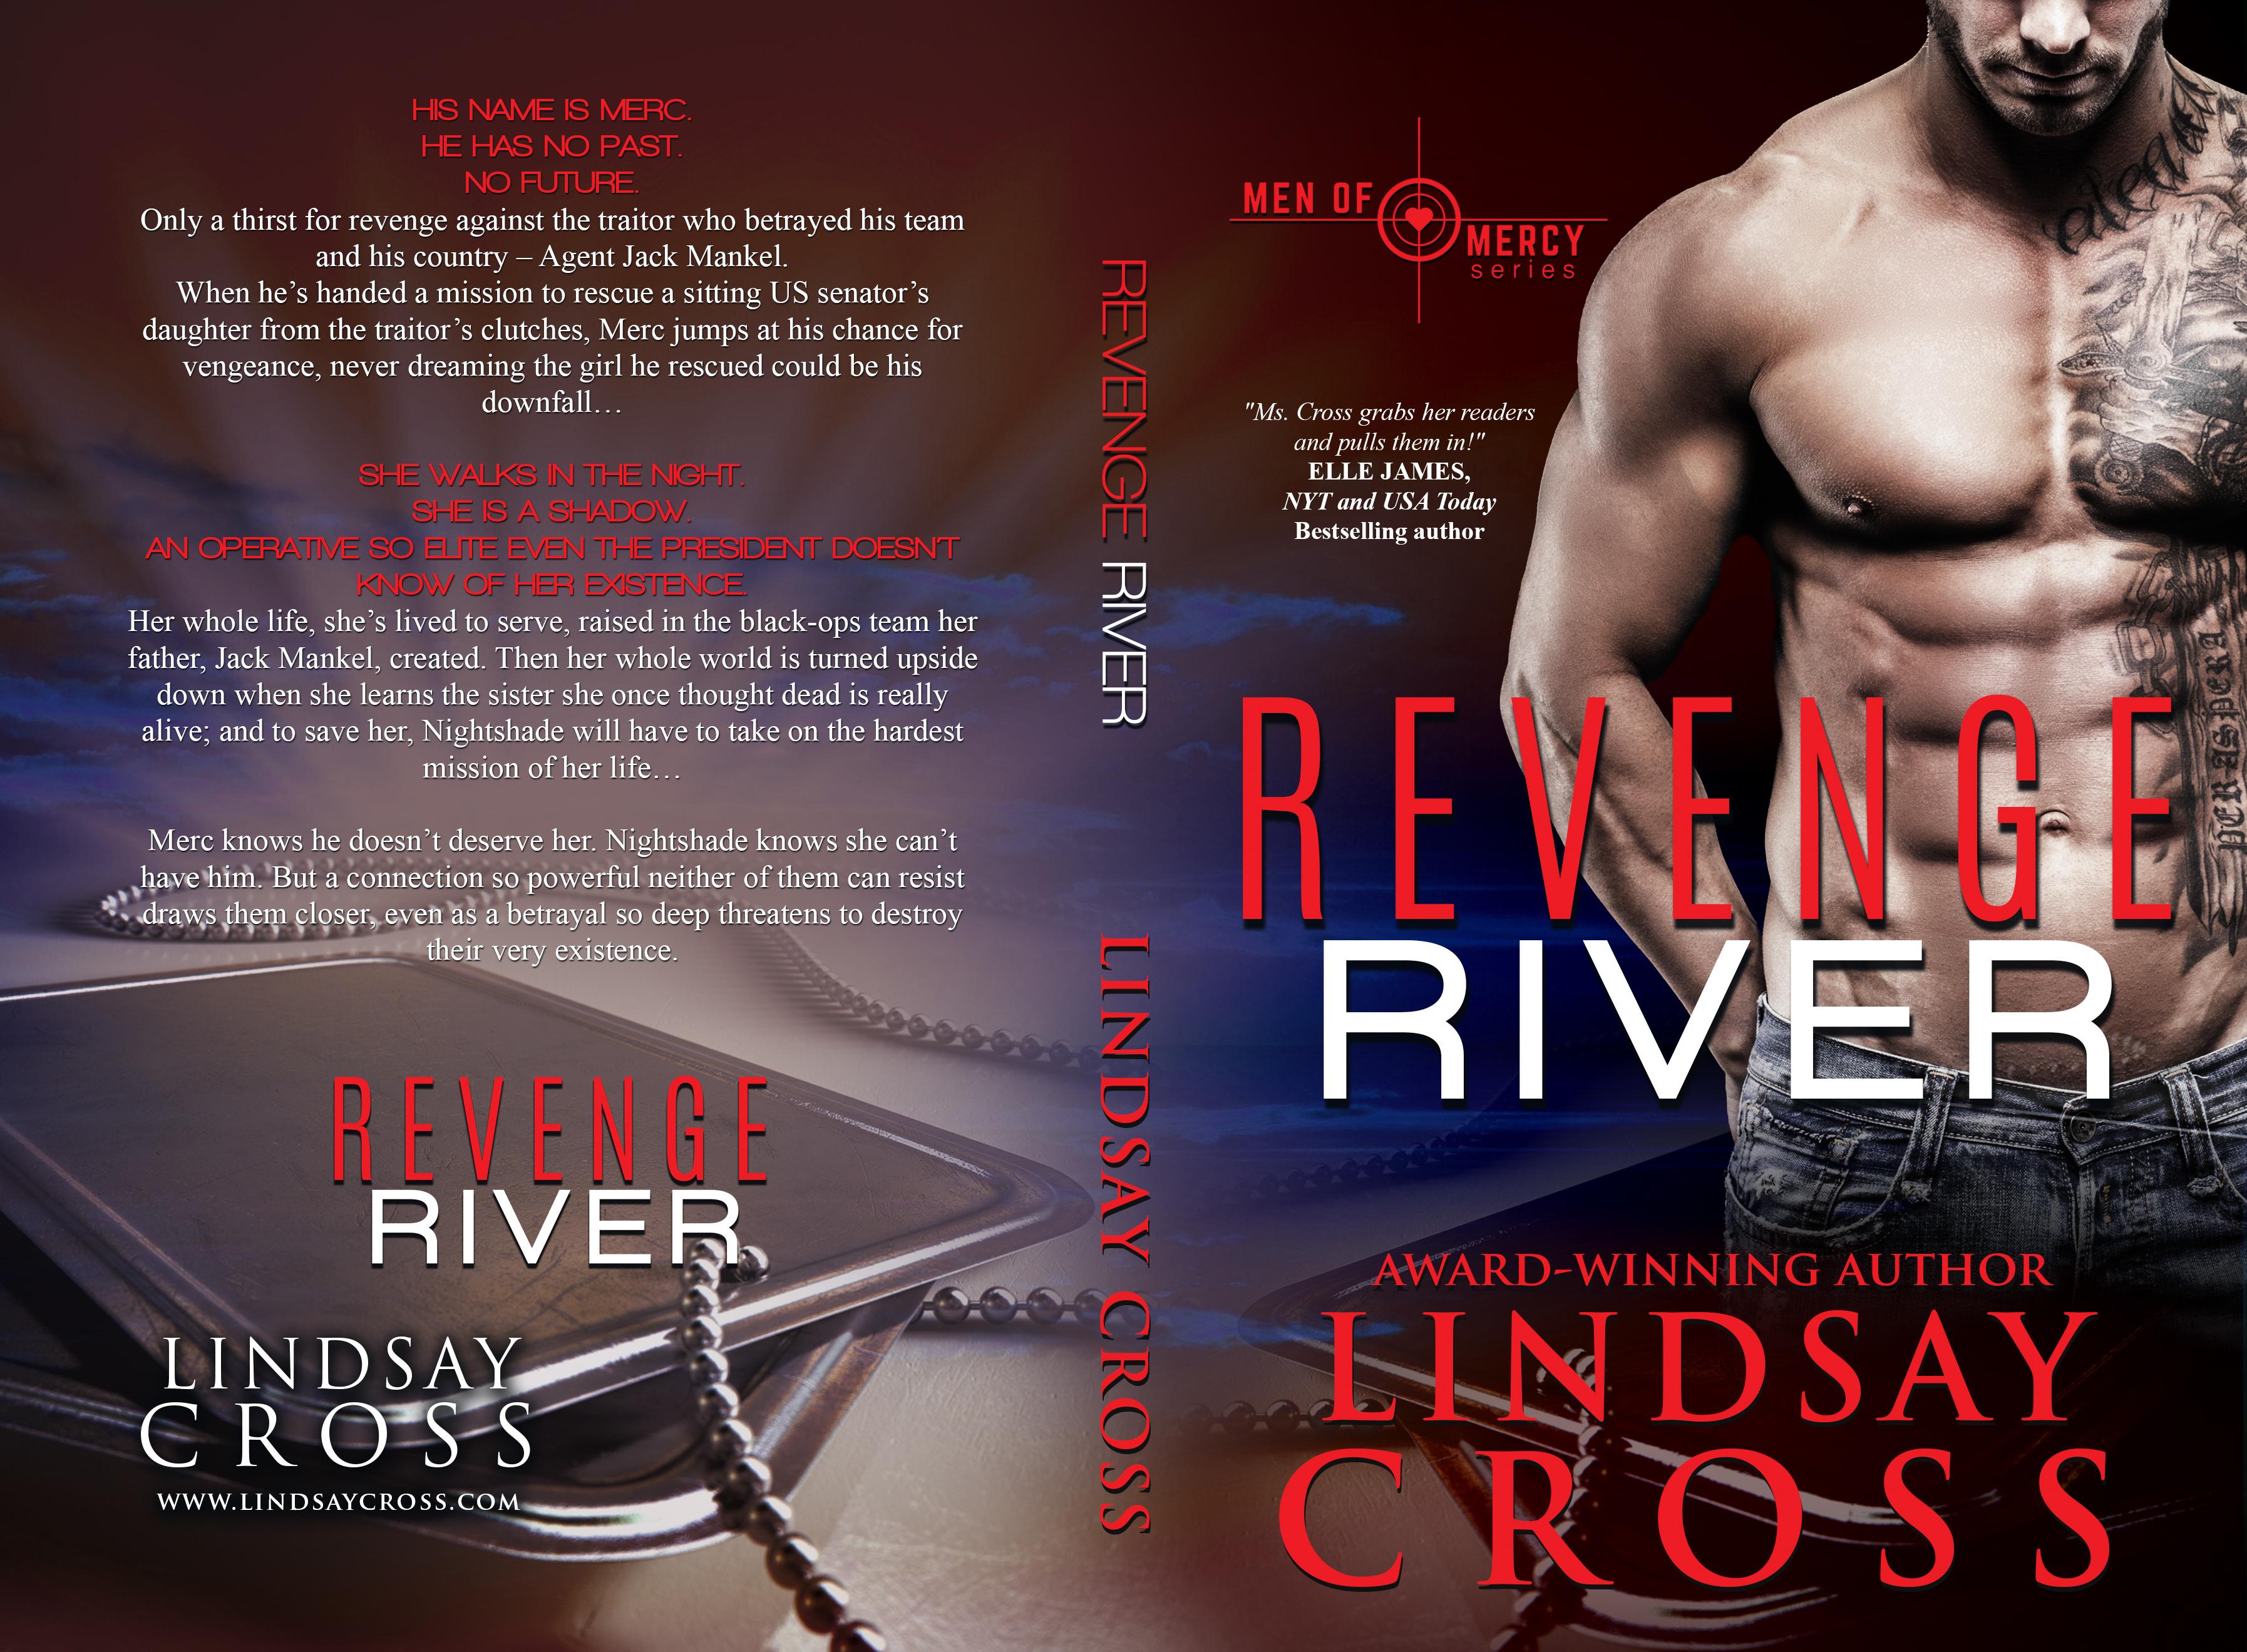 Revenge River Print.jpg